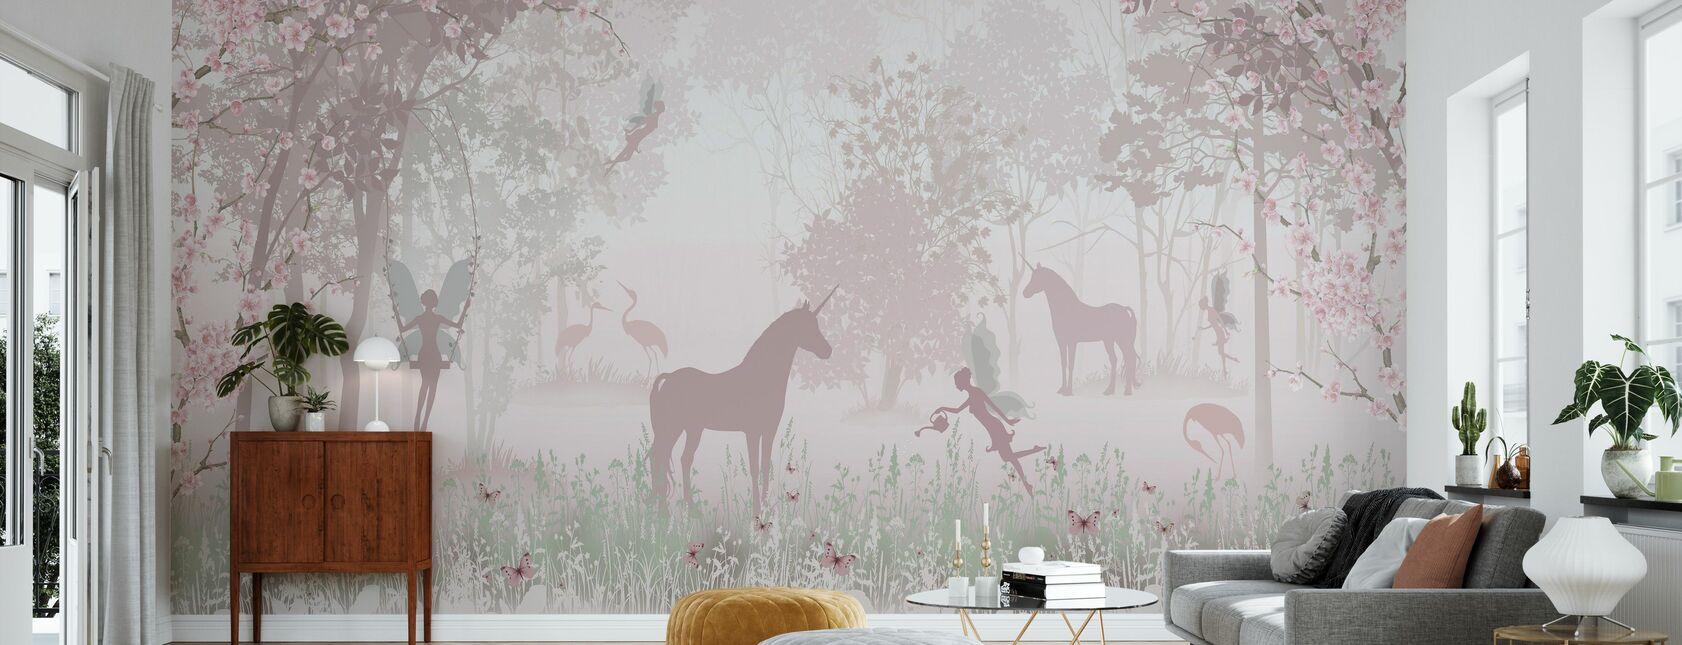 Einhörner und Feen - Tapete - Wohnzimmer